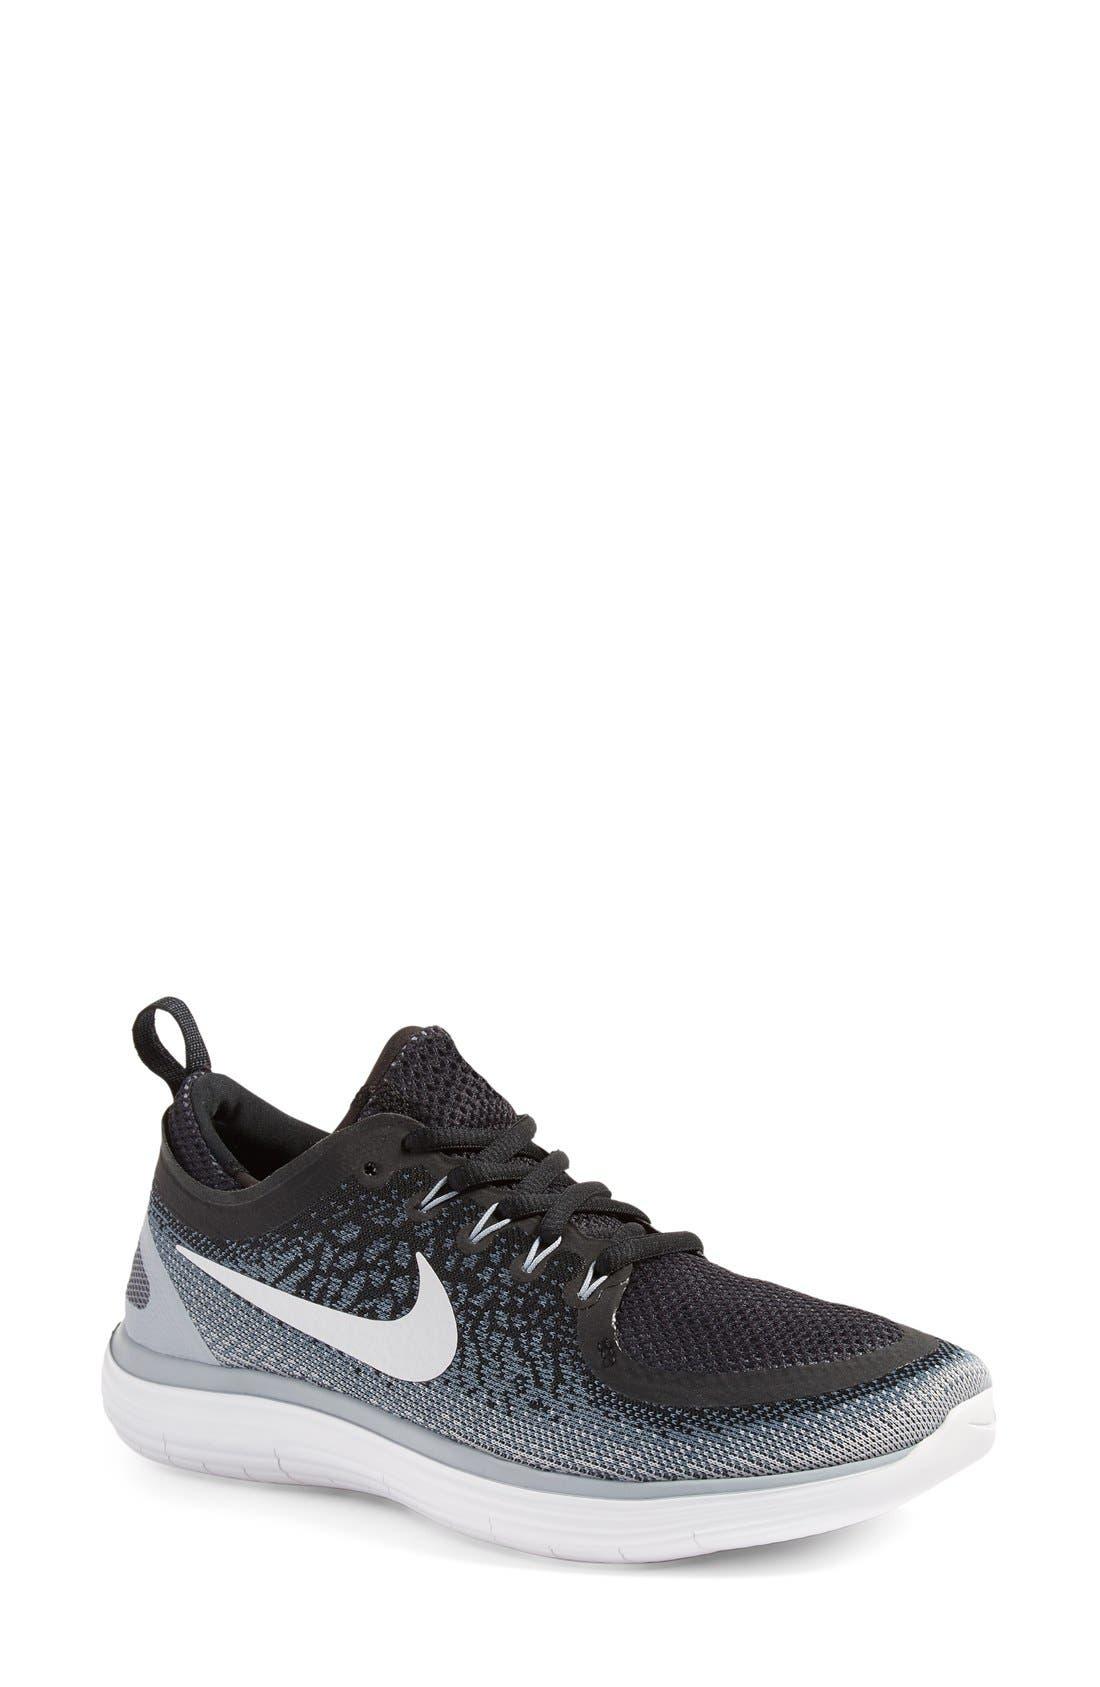 Nike Free Run Distance 2 Running Shoe (Women)